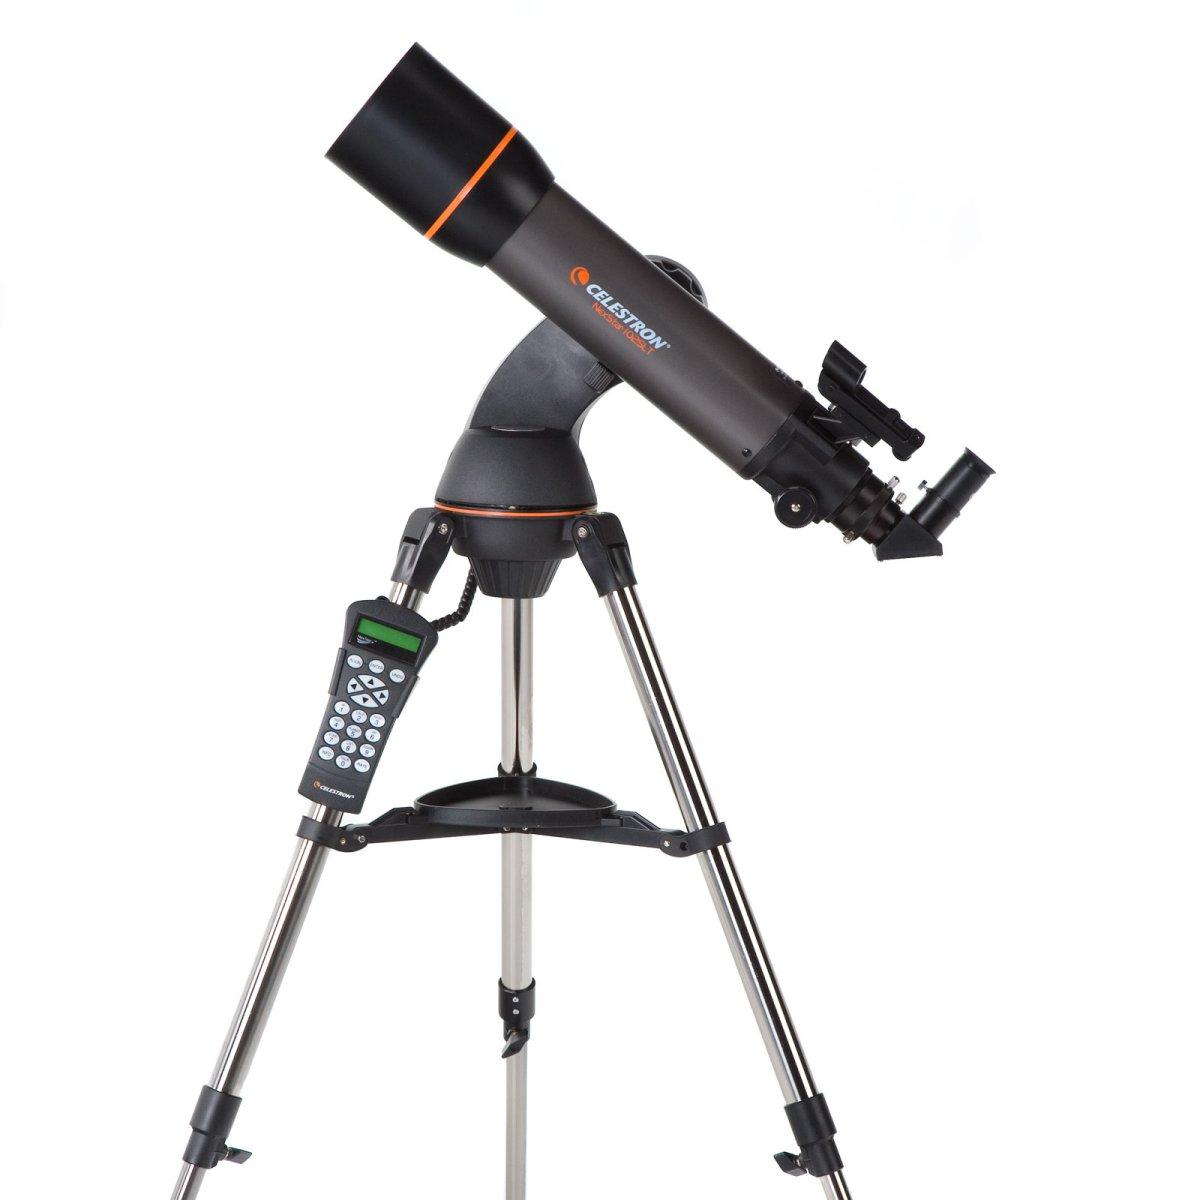 Review: Celestron NexStar 102SLT GoTo Telescope